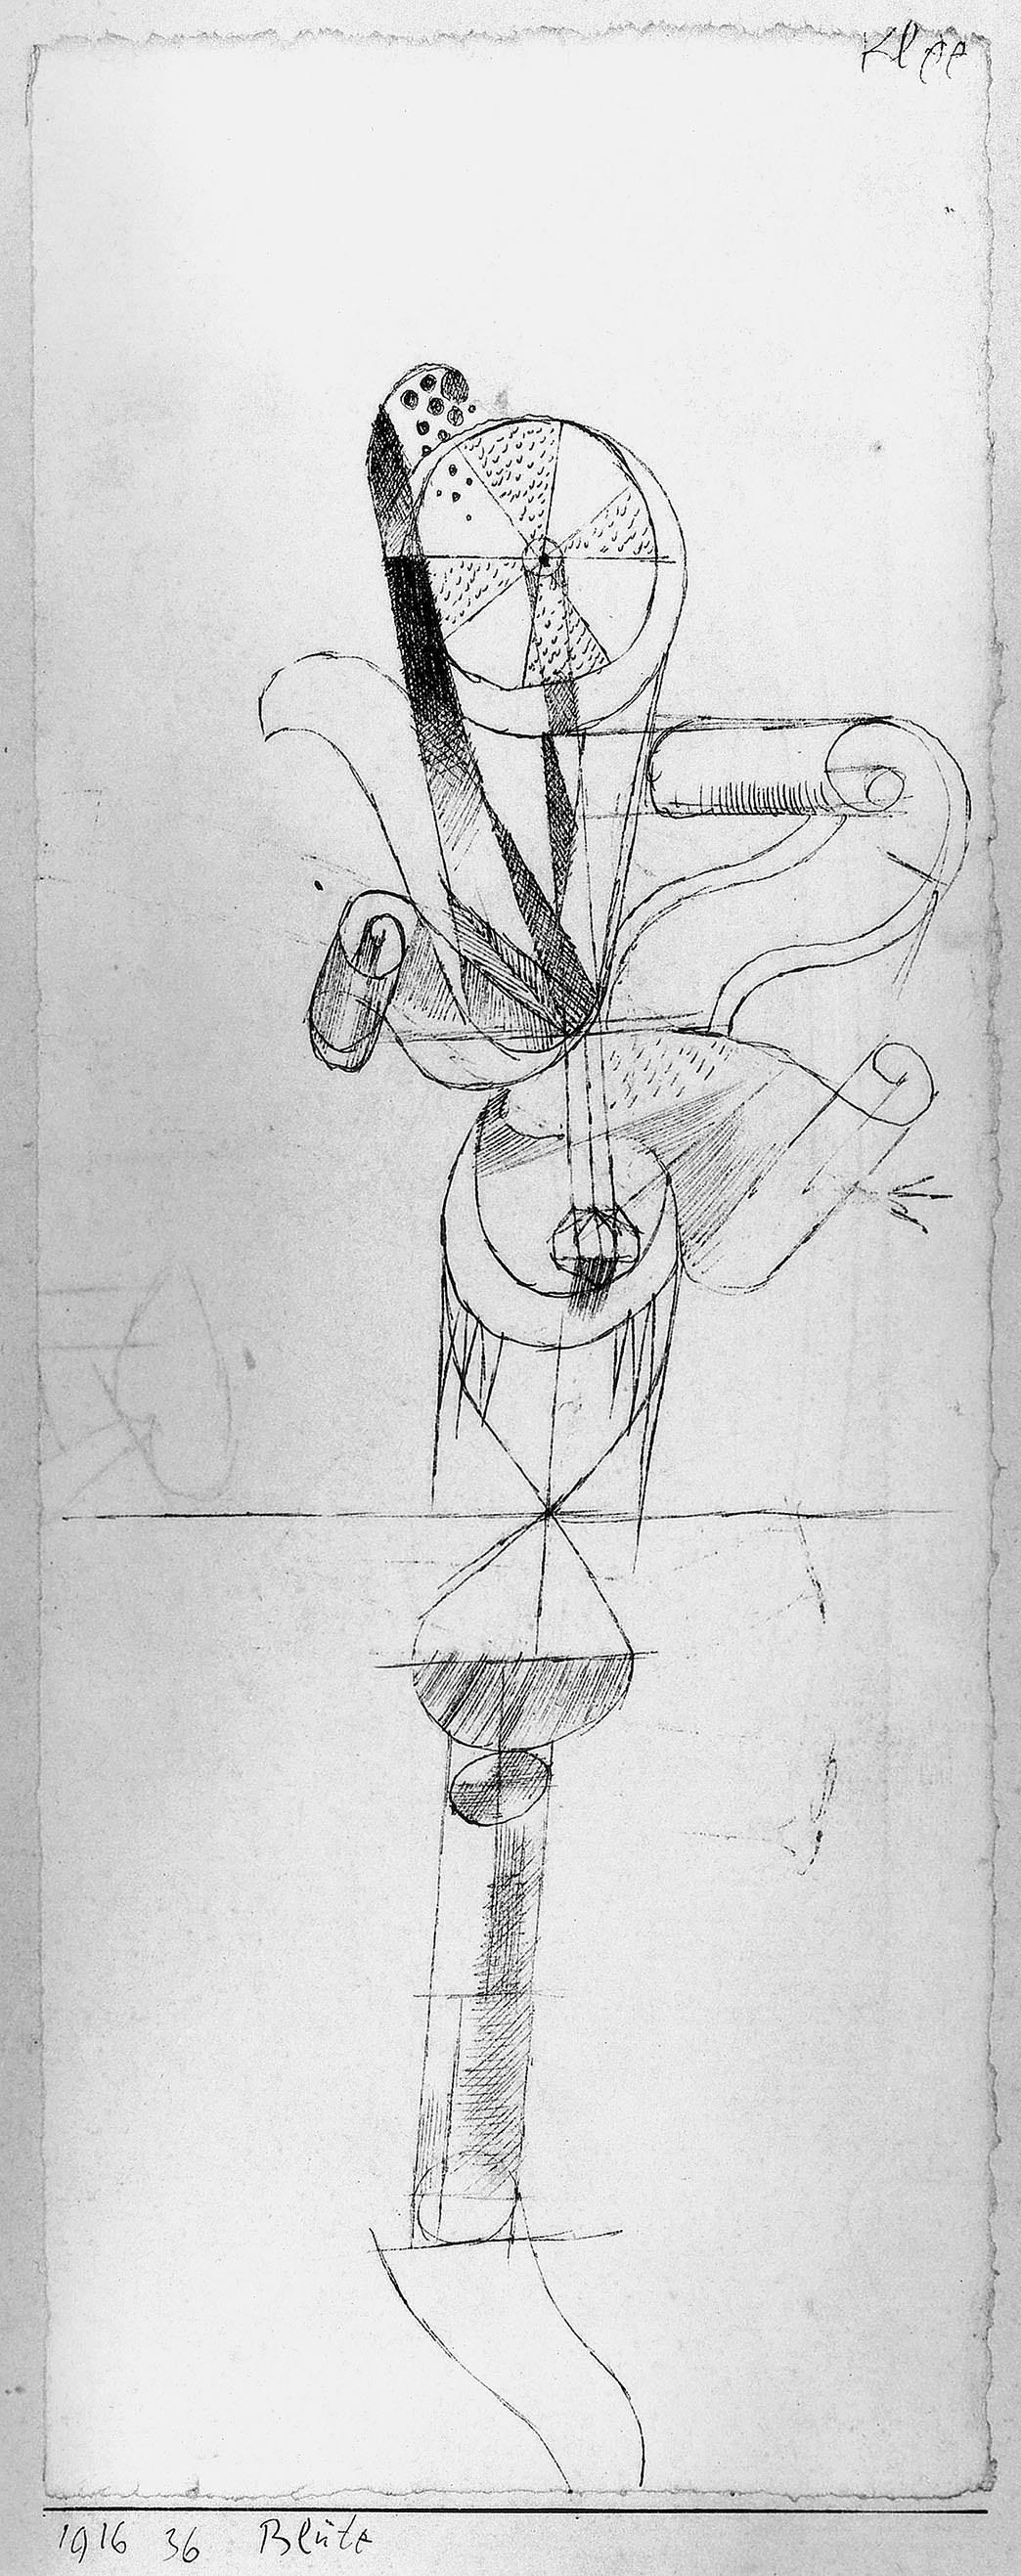 Abb.48  Paul Klee, Blüte, 1916, 36 , Feder auf Papier auf Karton , 24 x 9,4 cm, Privatbesitz, Schweiz © Zentrum Paul Klee, Bern, Archiv